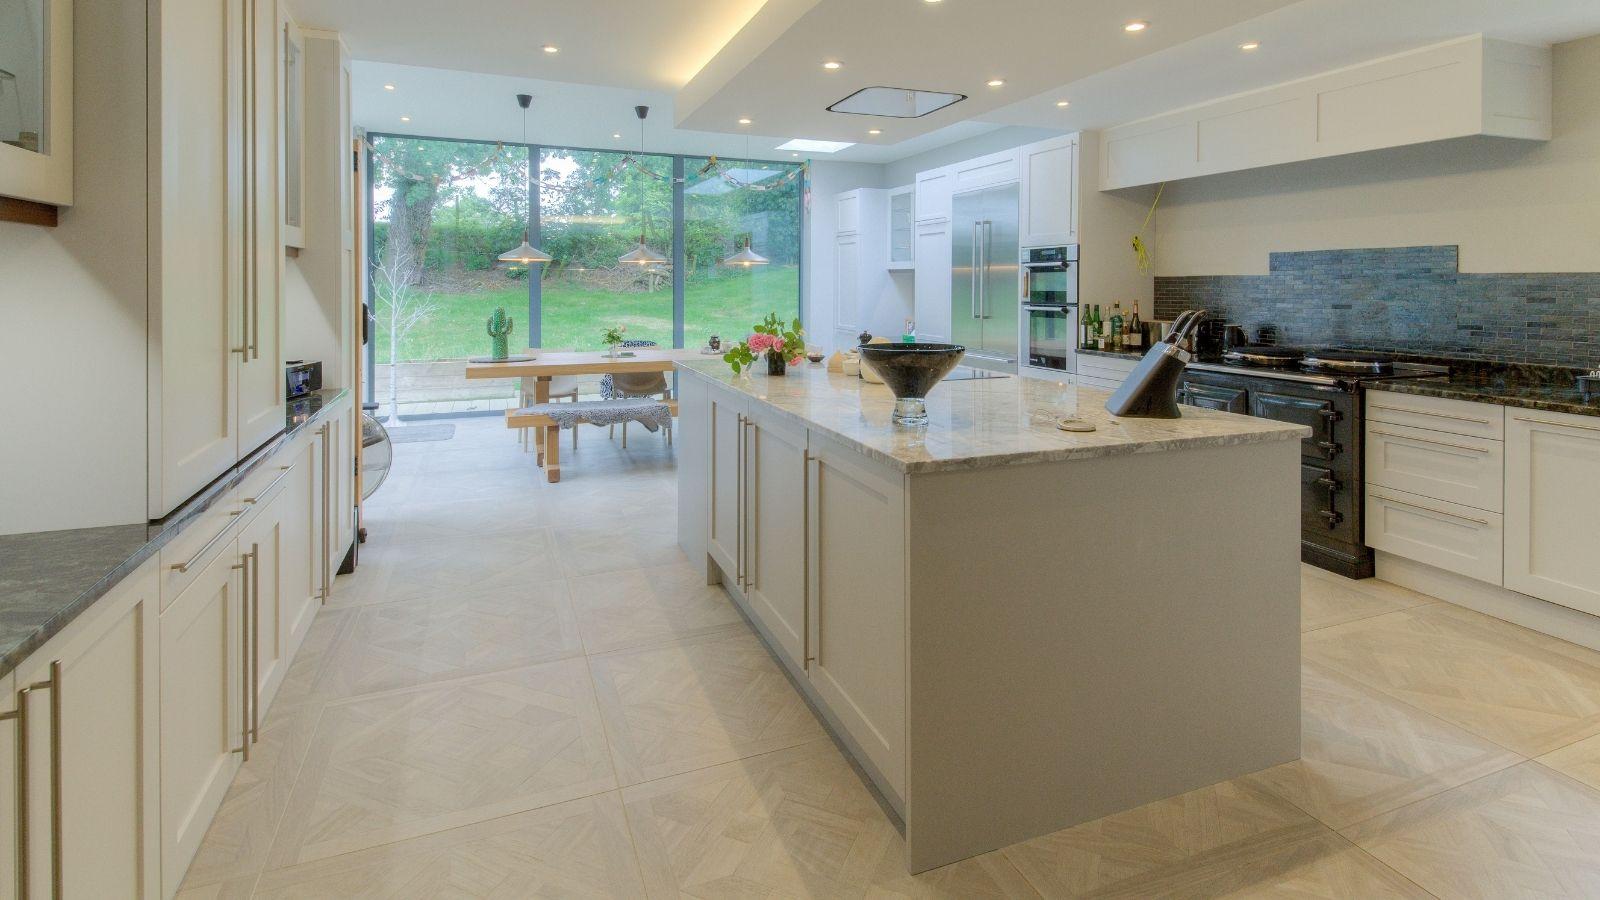 Kitchen islands in open-plan kitchen design - Kestrel Kitchens